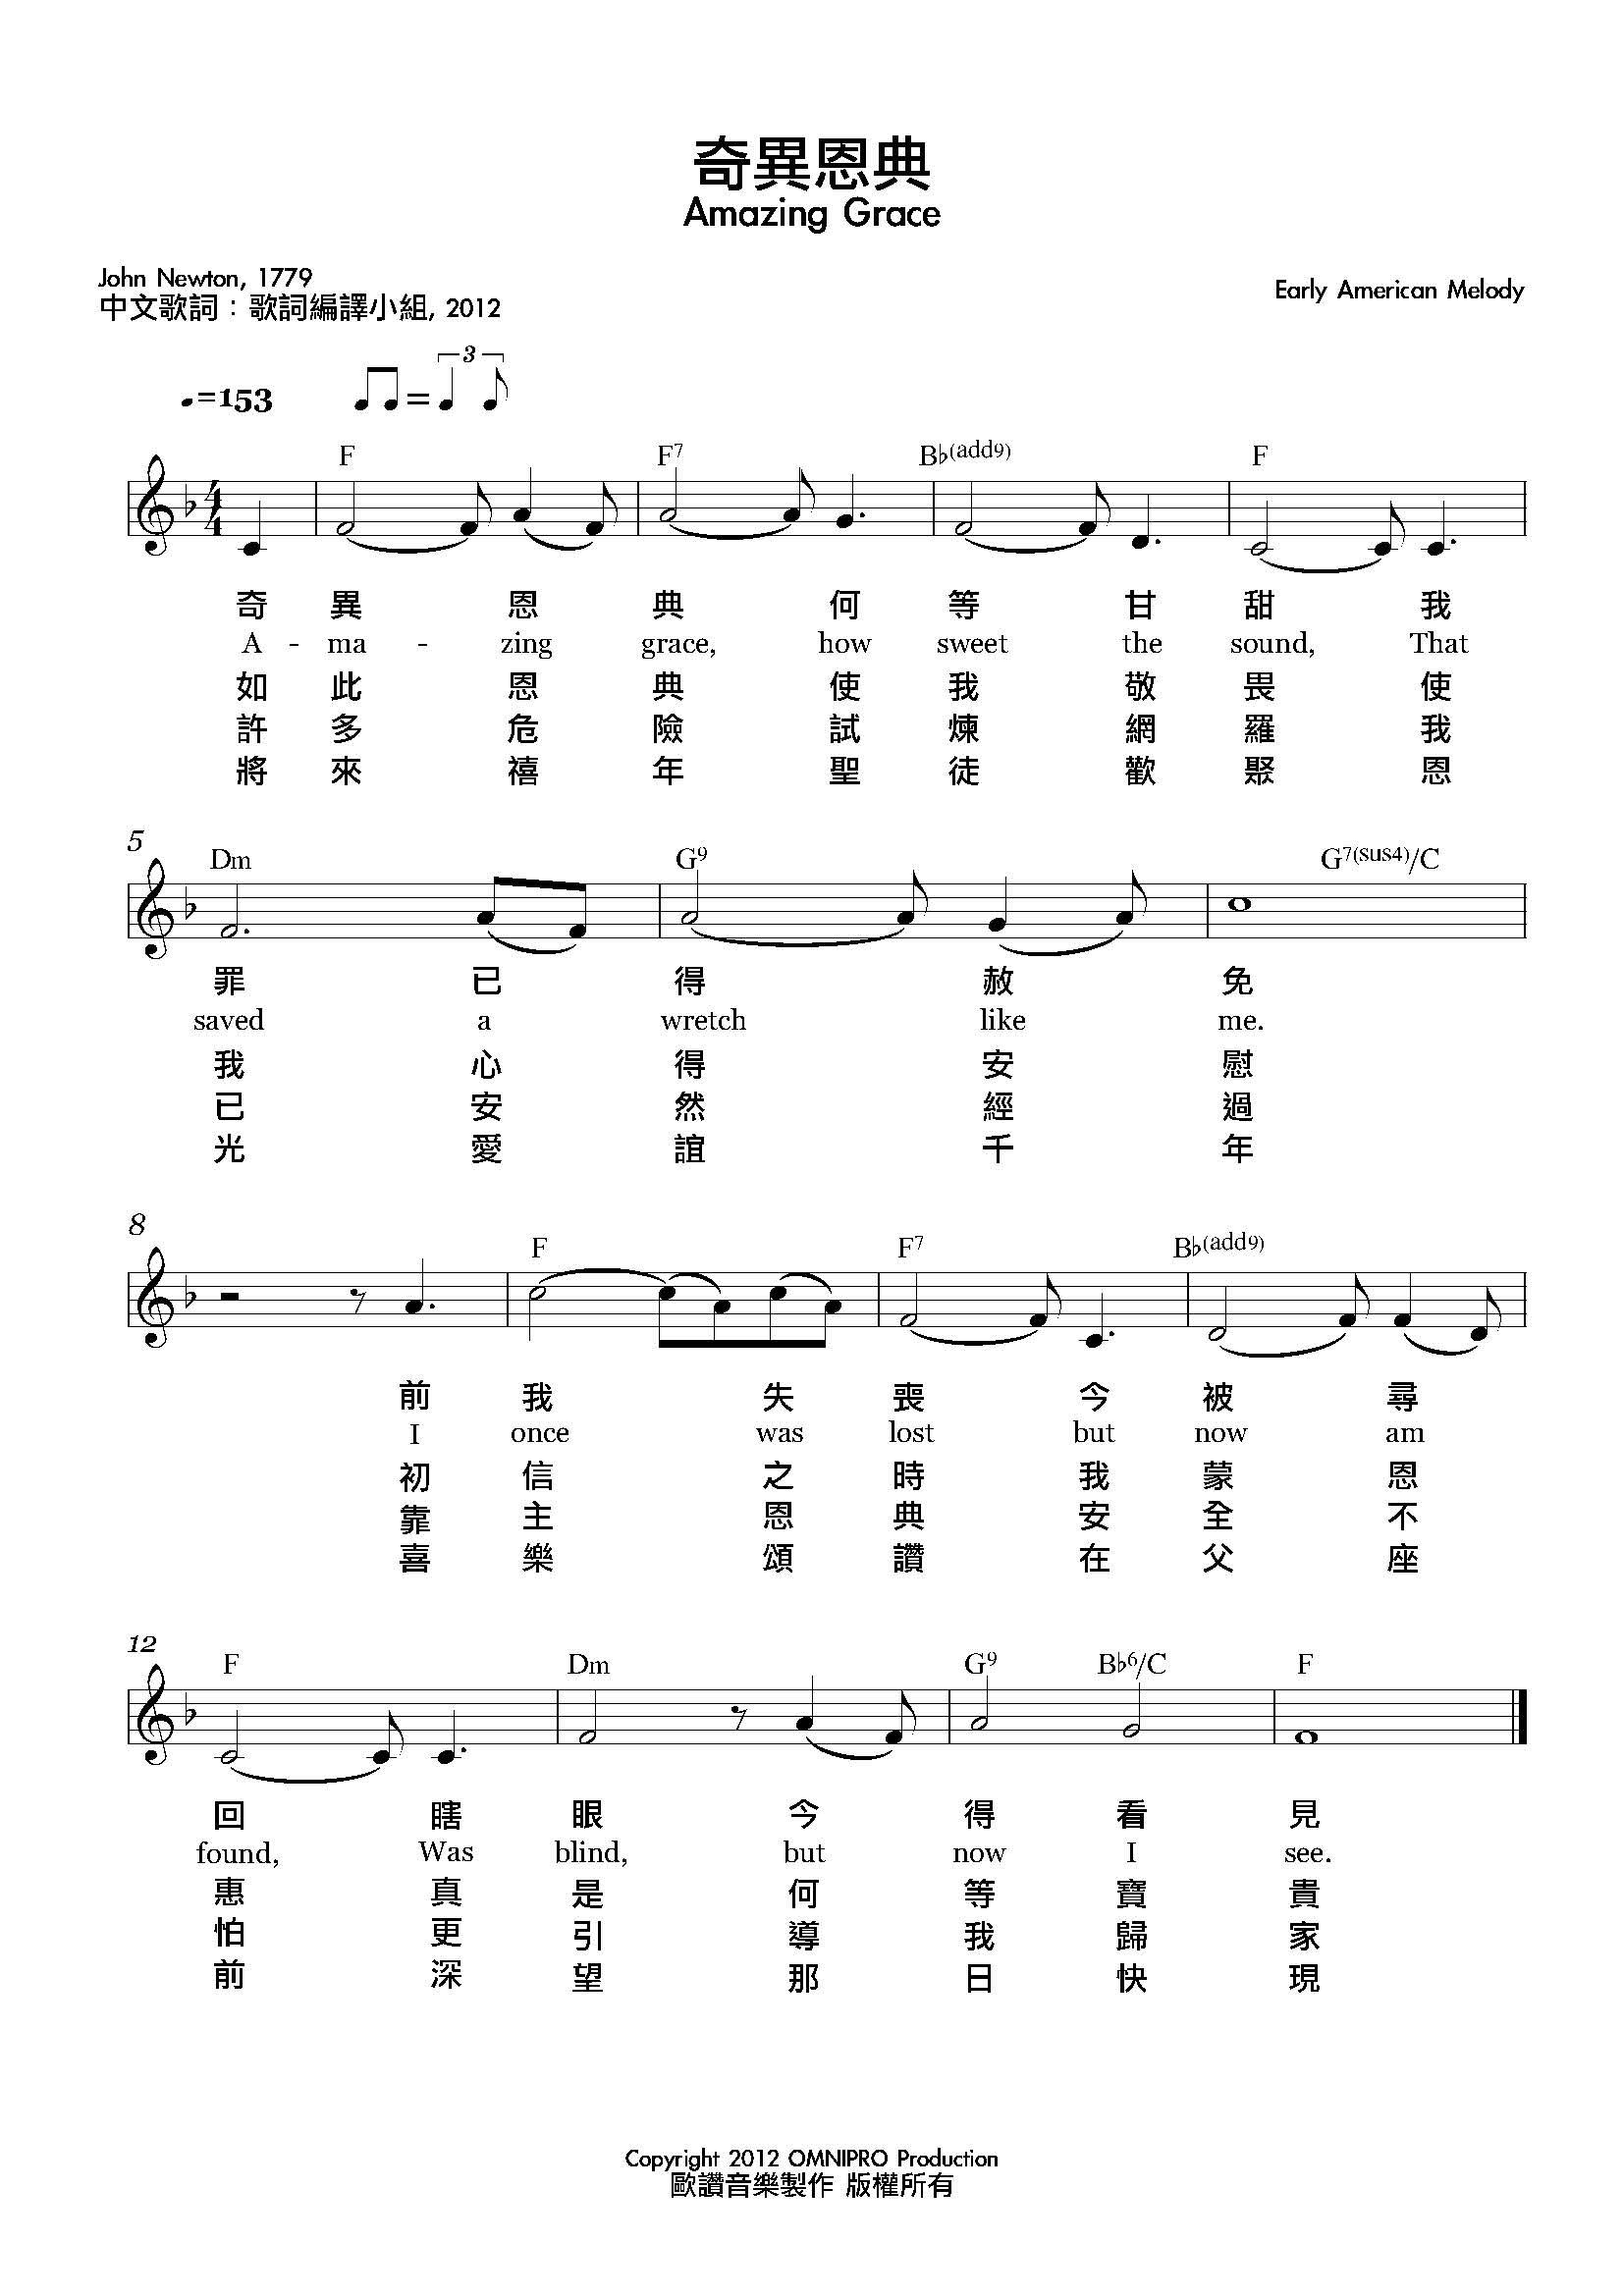 官方和弦五线谱; 奇异恩典 和弦五线谱_钢琴谱_搜谱网; 奇异恩典 官方